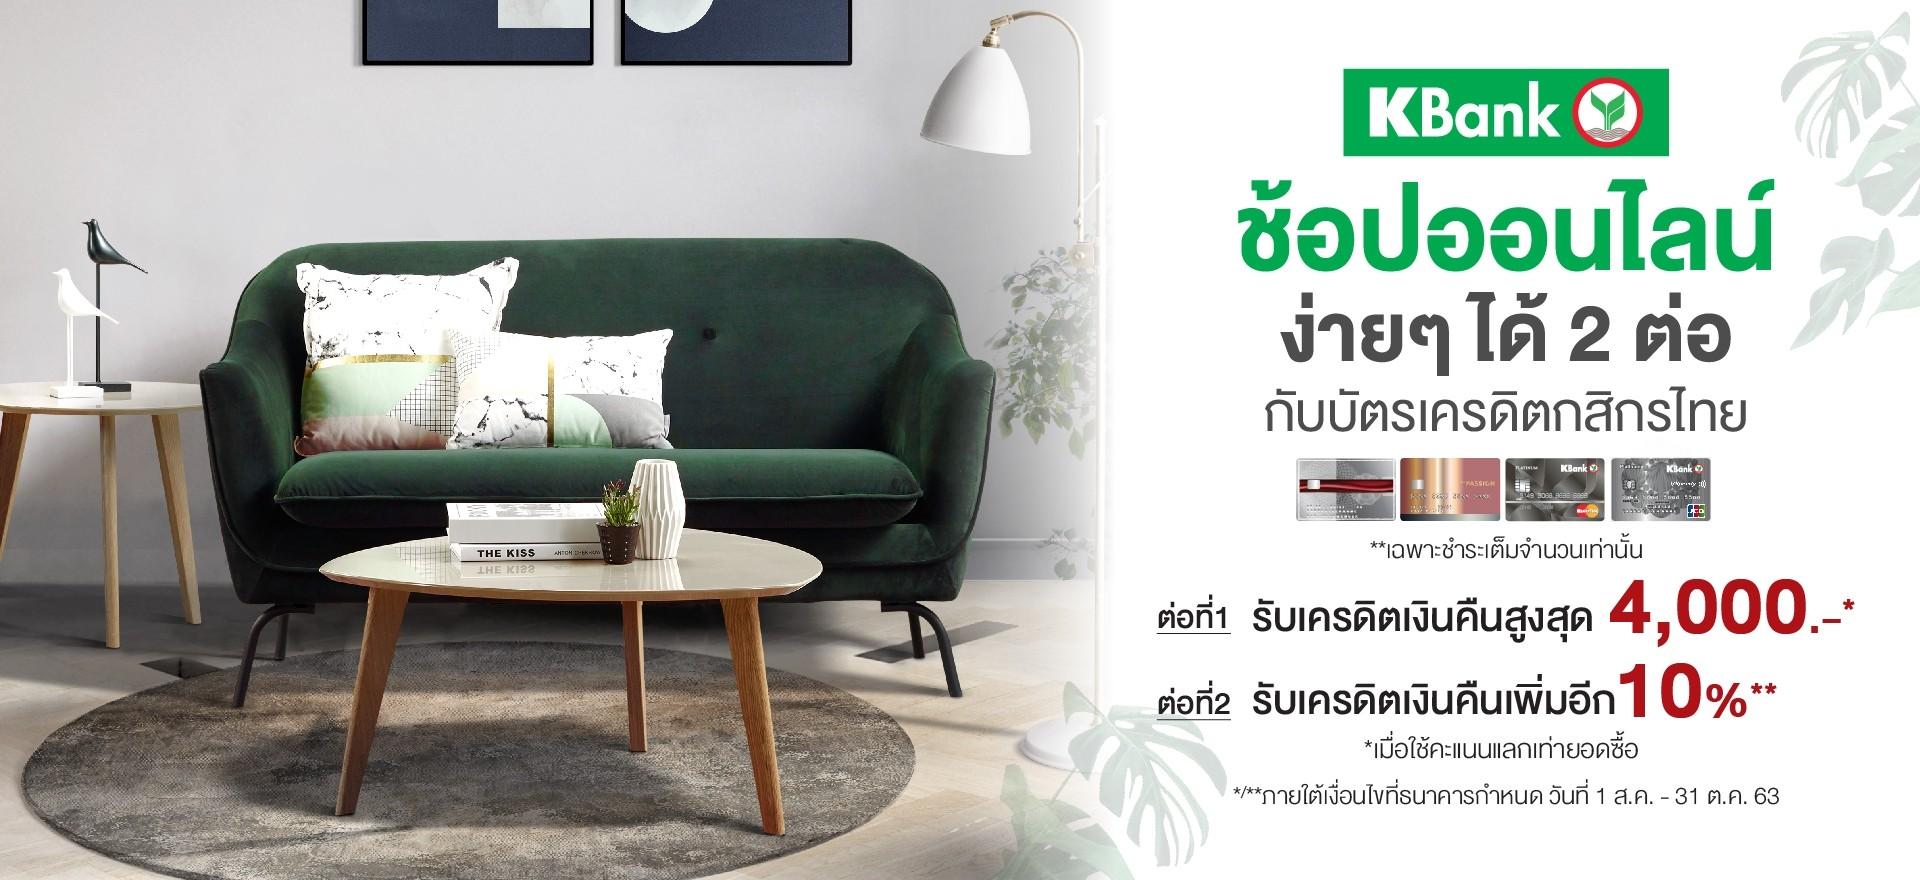 ช้อปออนไลน์ง่ายๆได้ 2 ต่อ  กับบัตรกสิกรไทย ต่อที่ 1 : รับเครดิตเงินคืนสูงสุด 4,000.-* ต่อที่ 2 : รับเครดิตเงินคืนเพิ่มอีก 10%**